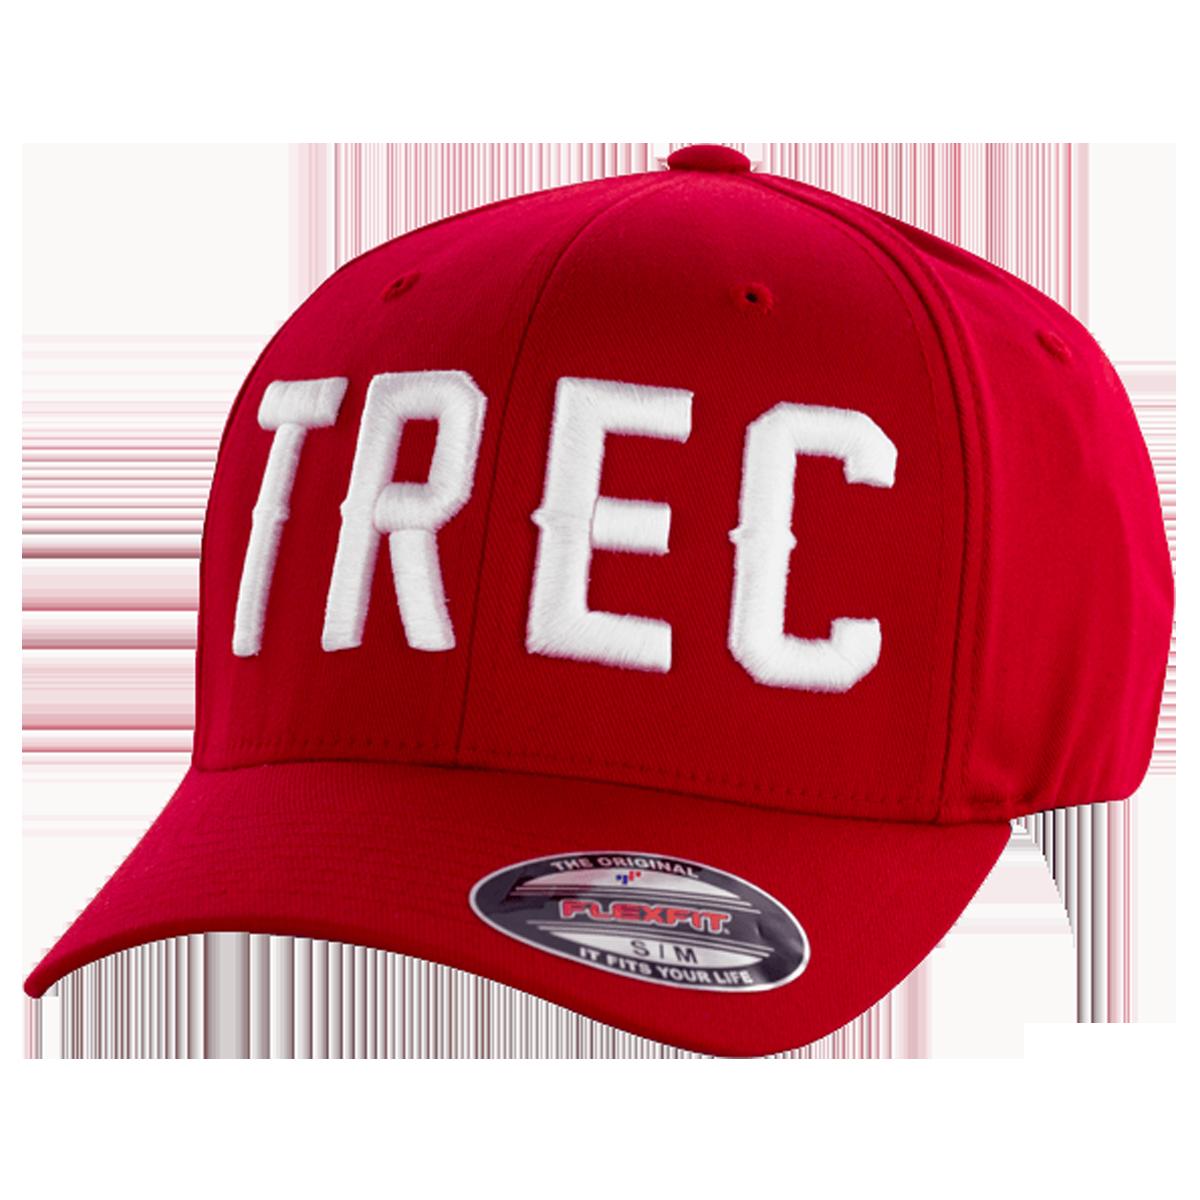 FULLCAP 008 - TREC - RED